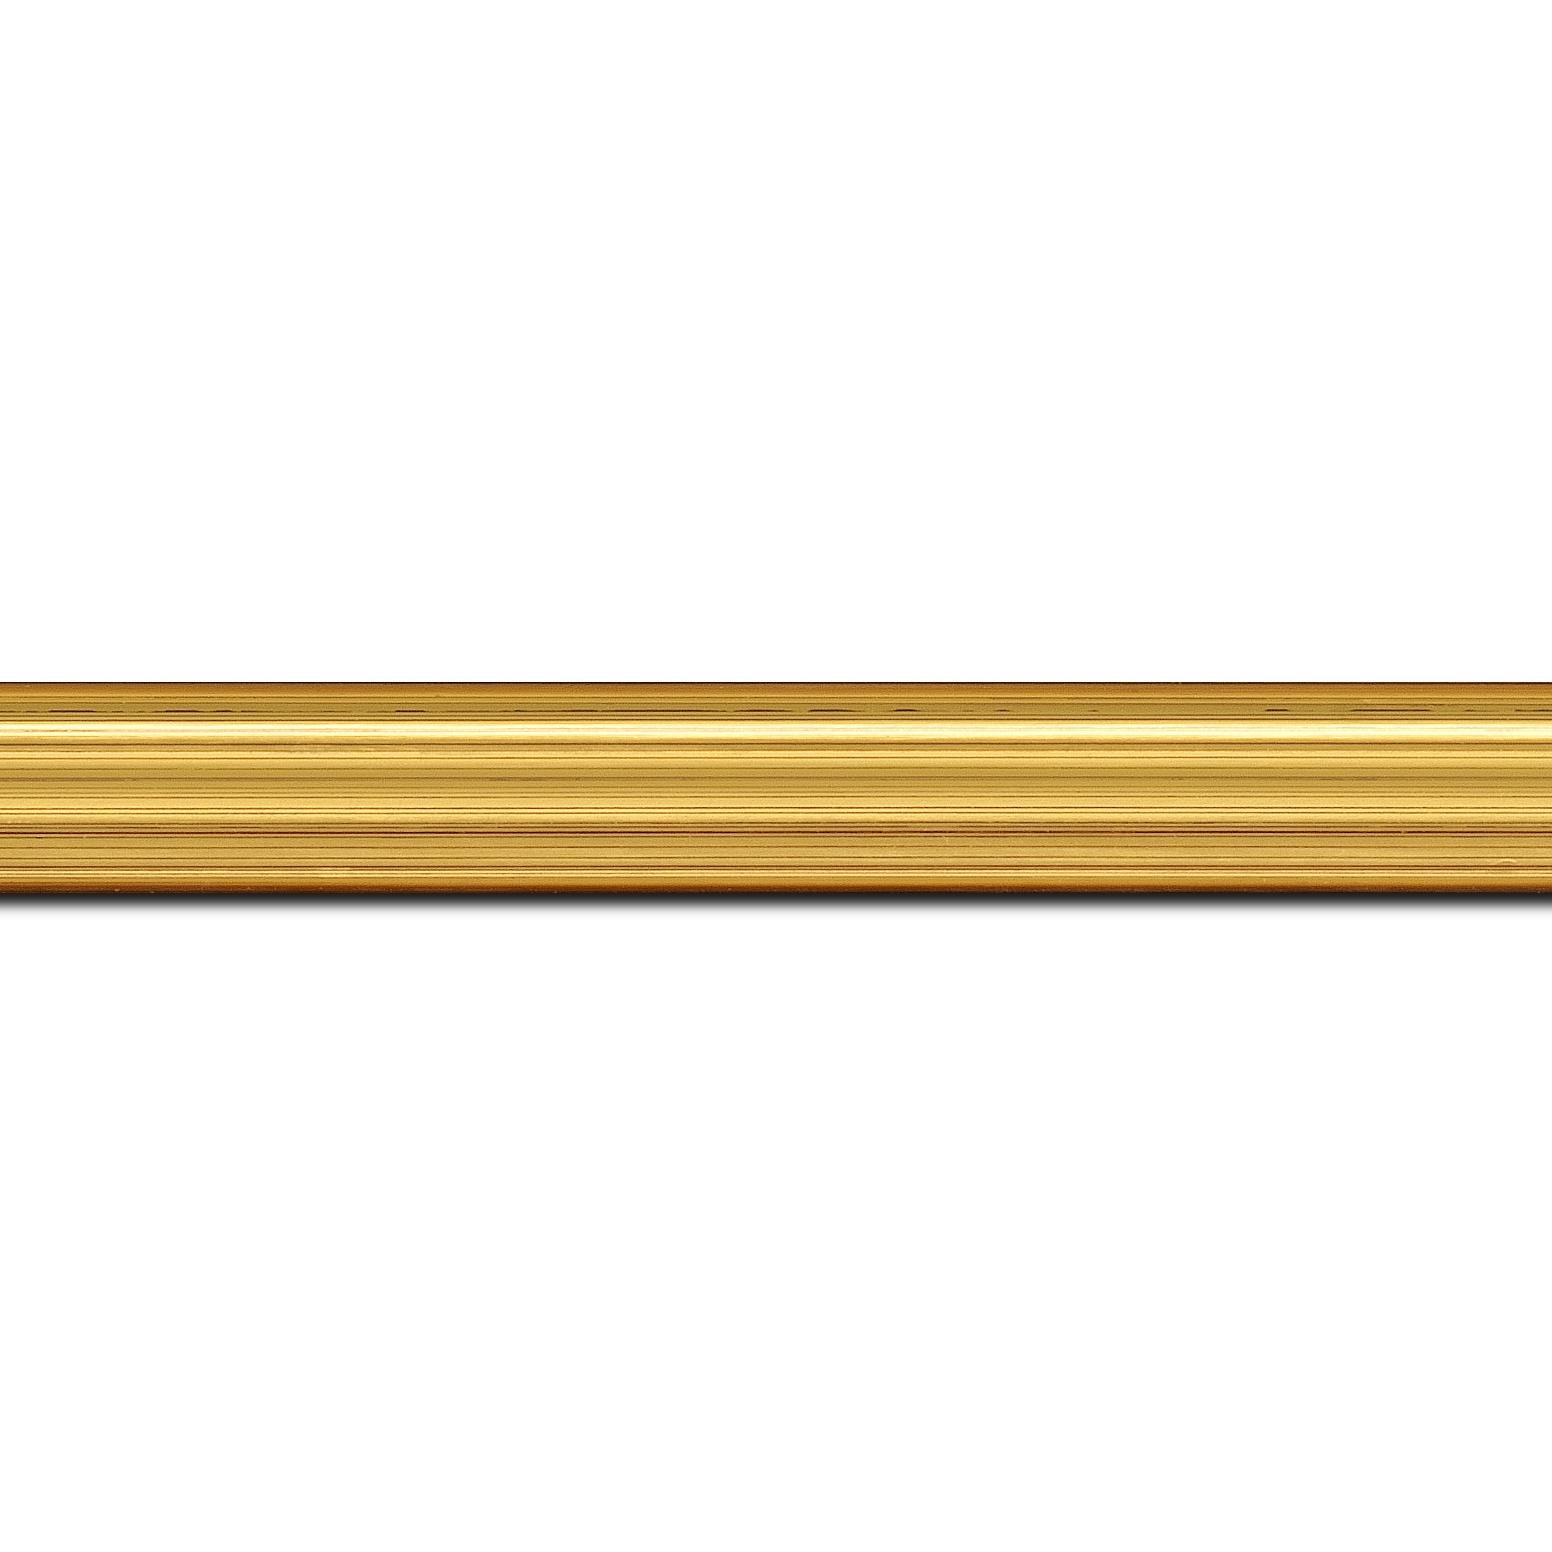 Baguette longueur 1.40m bois profil incurvé largeur 2.1cm or satiné